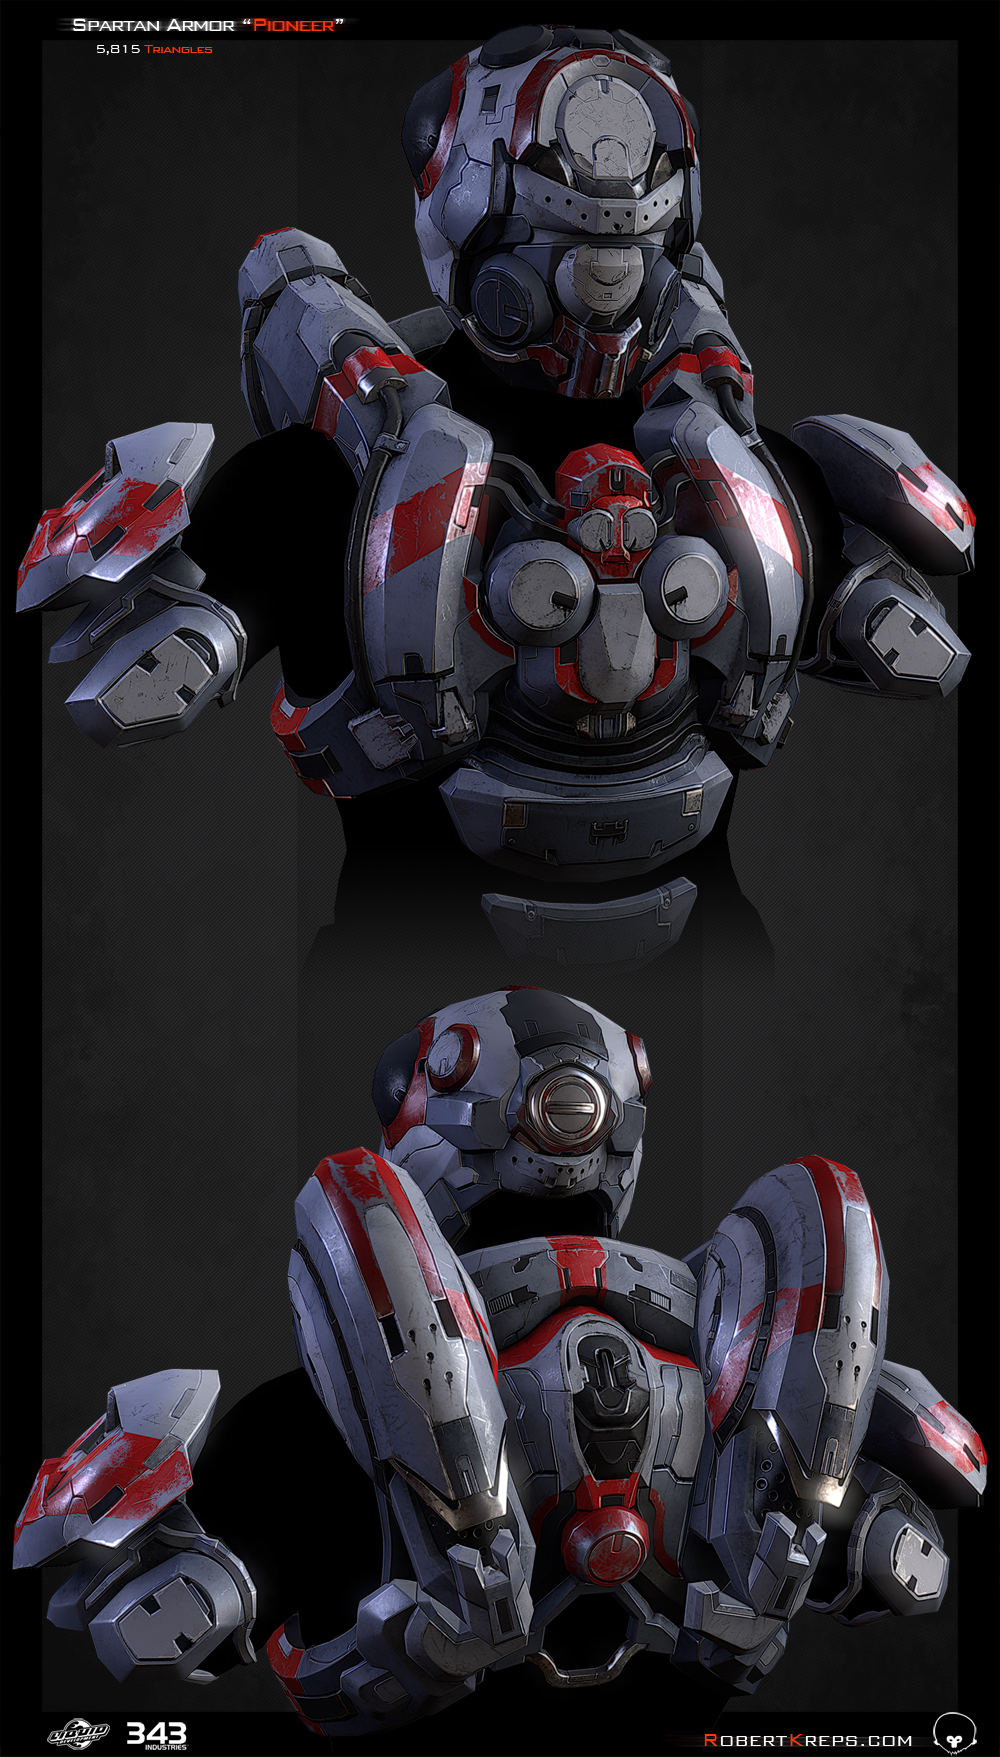 Robert Kreps - Gallery - Halo 4 - Pioneer Armor